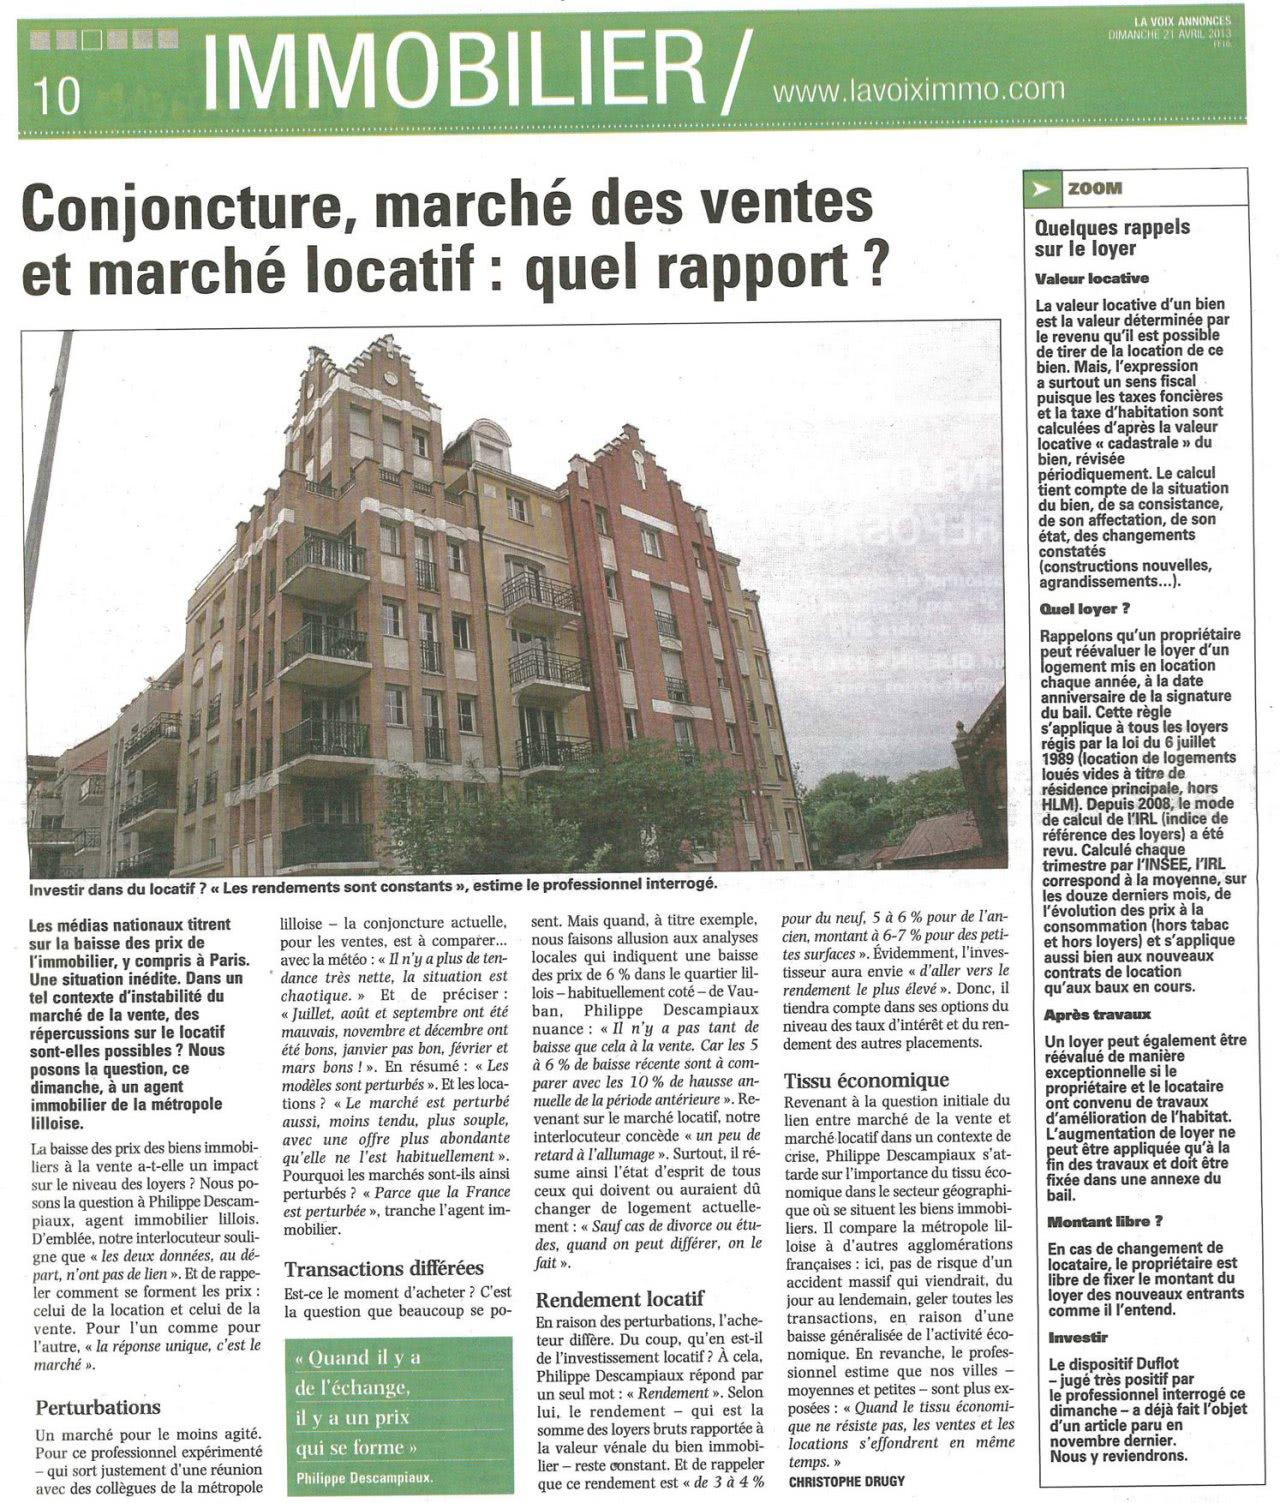 Conjoncture, marché des ventes et marché locatif : quel rapport ? (La Voix Annonces - 21/04/13)